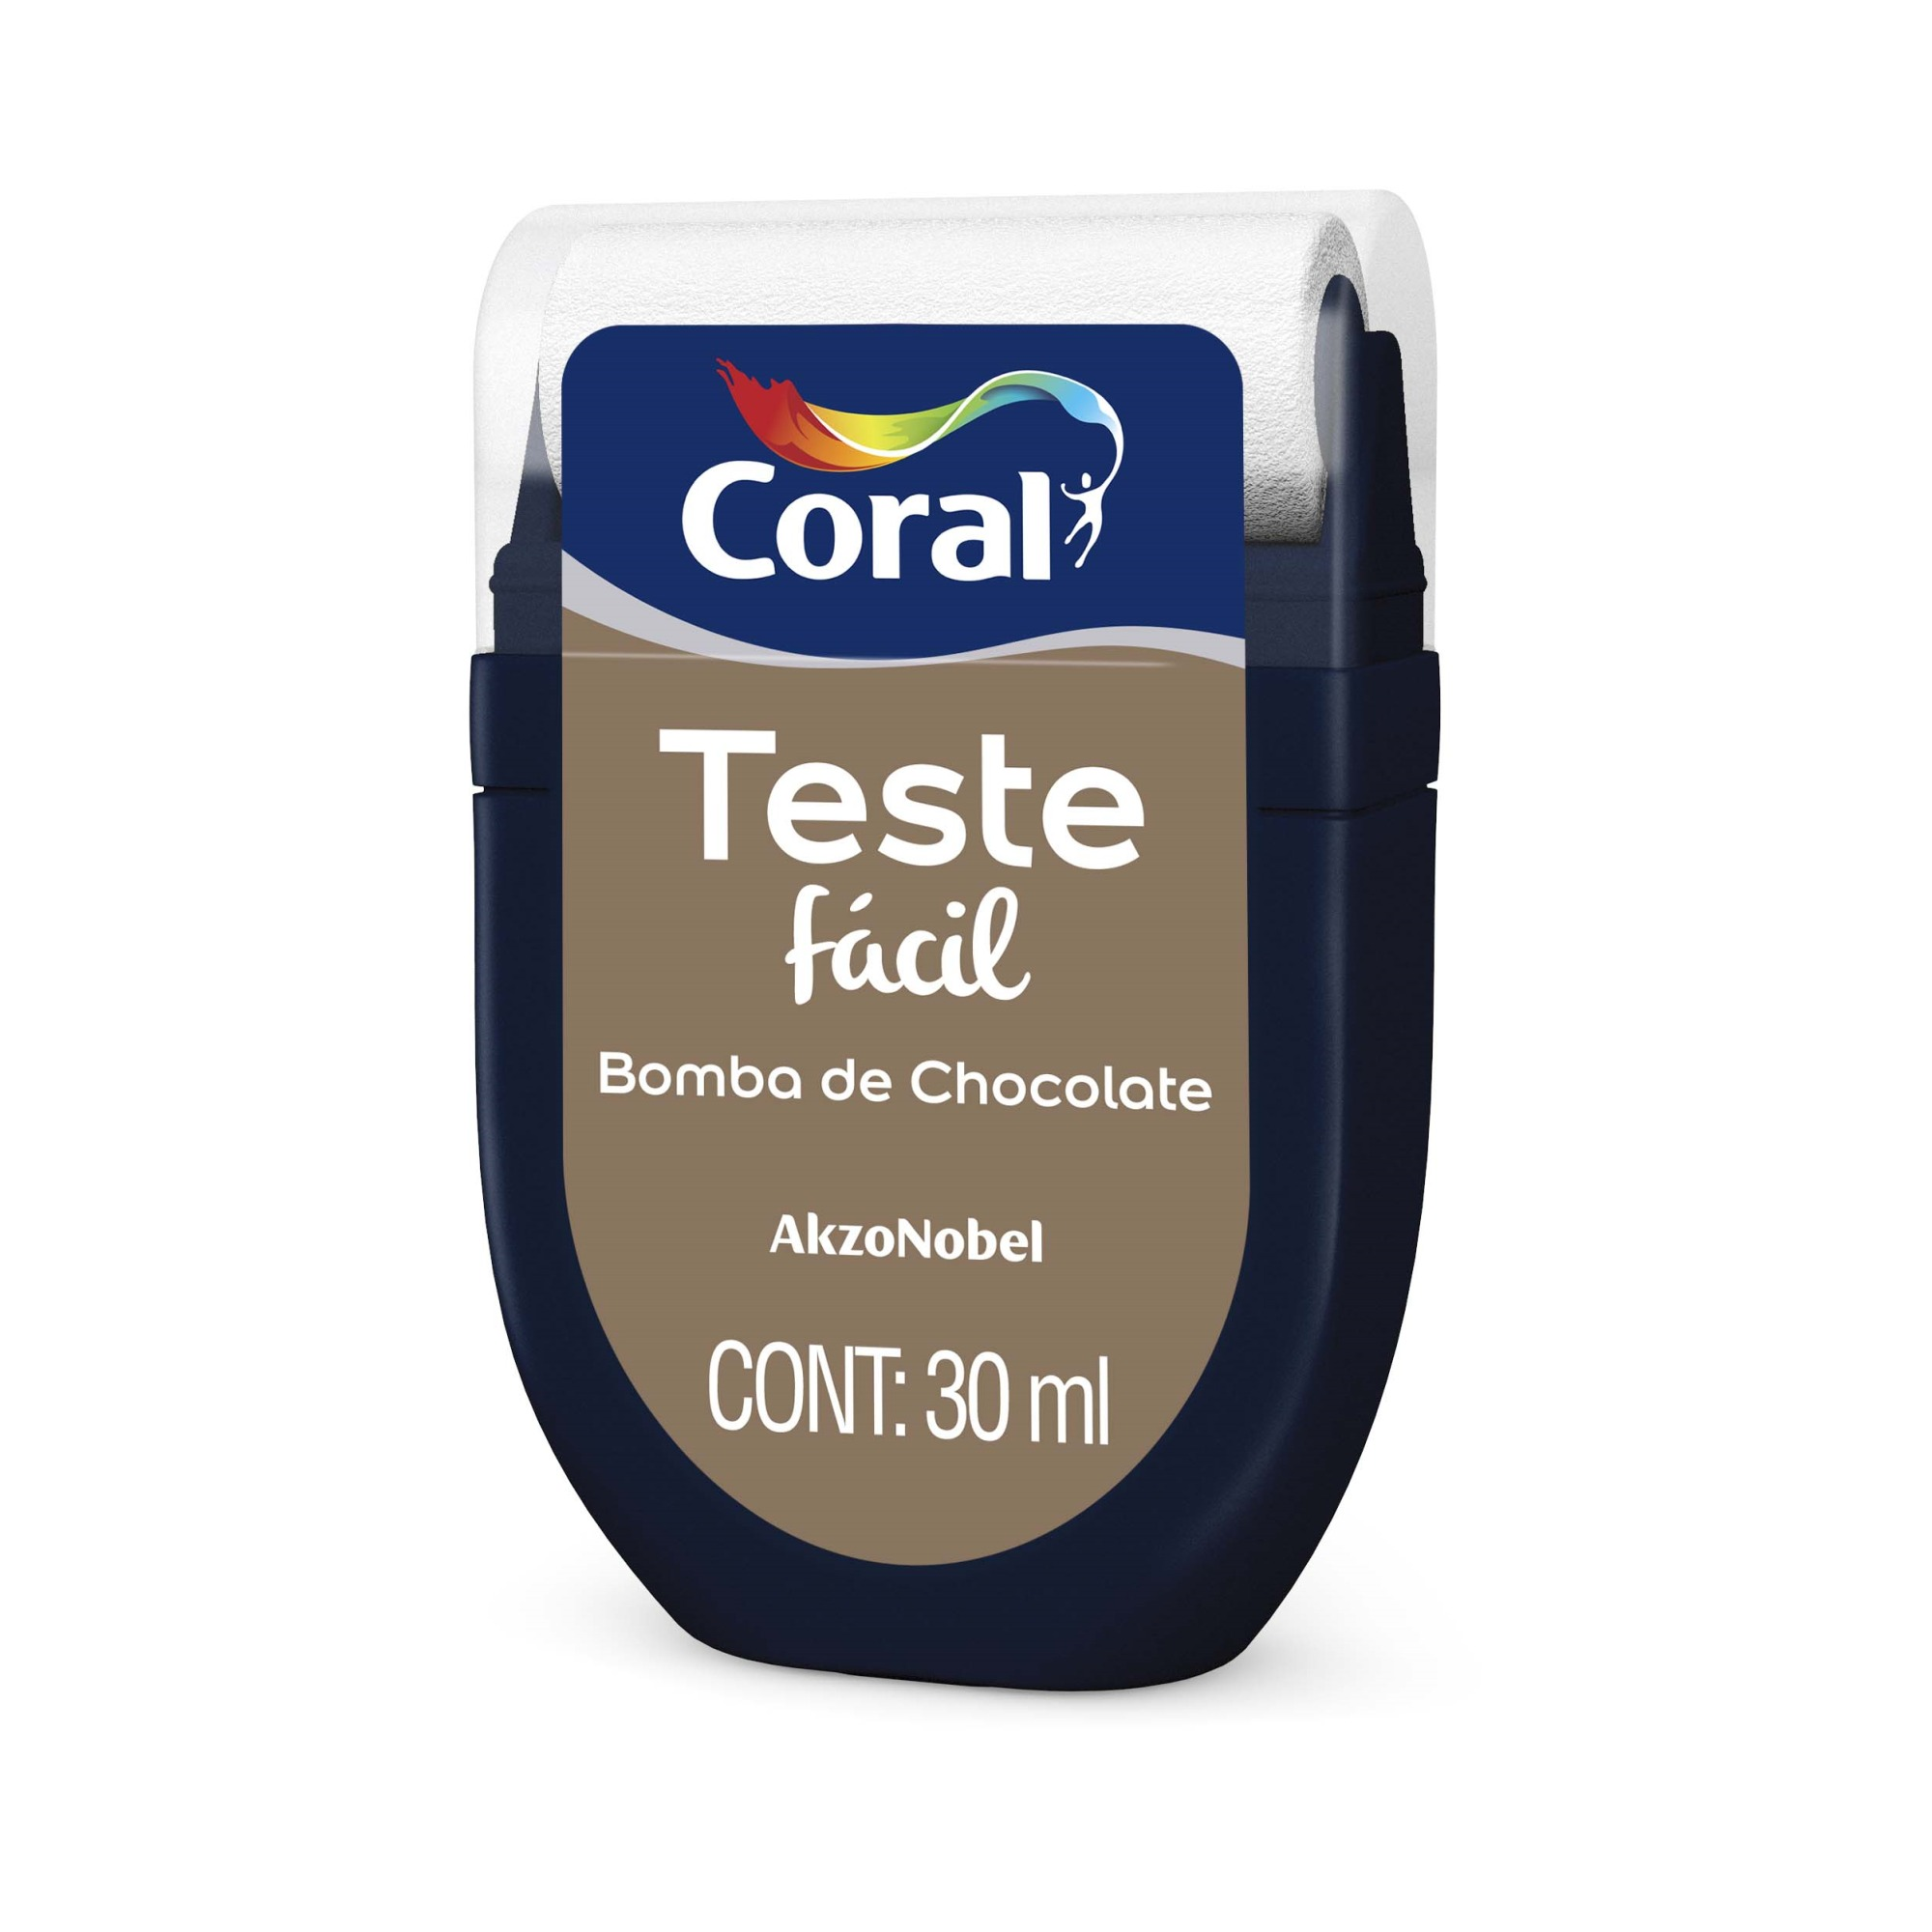 Teste Facil 30ml Bomba de Chocolate - Coral